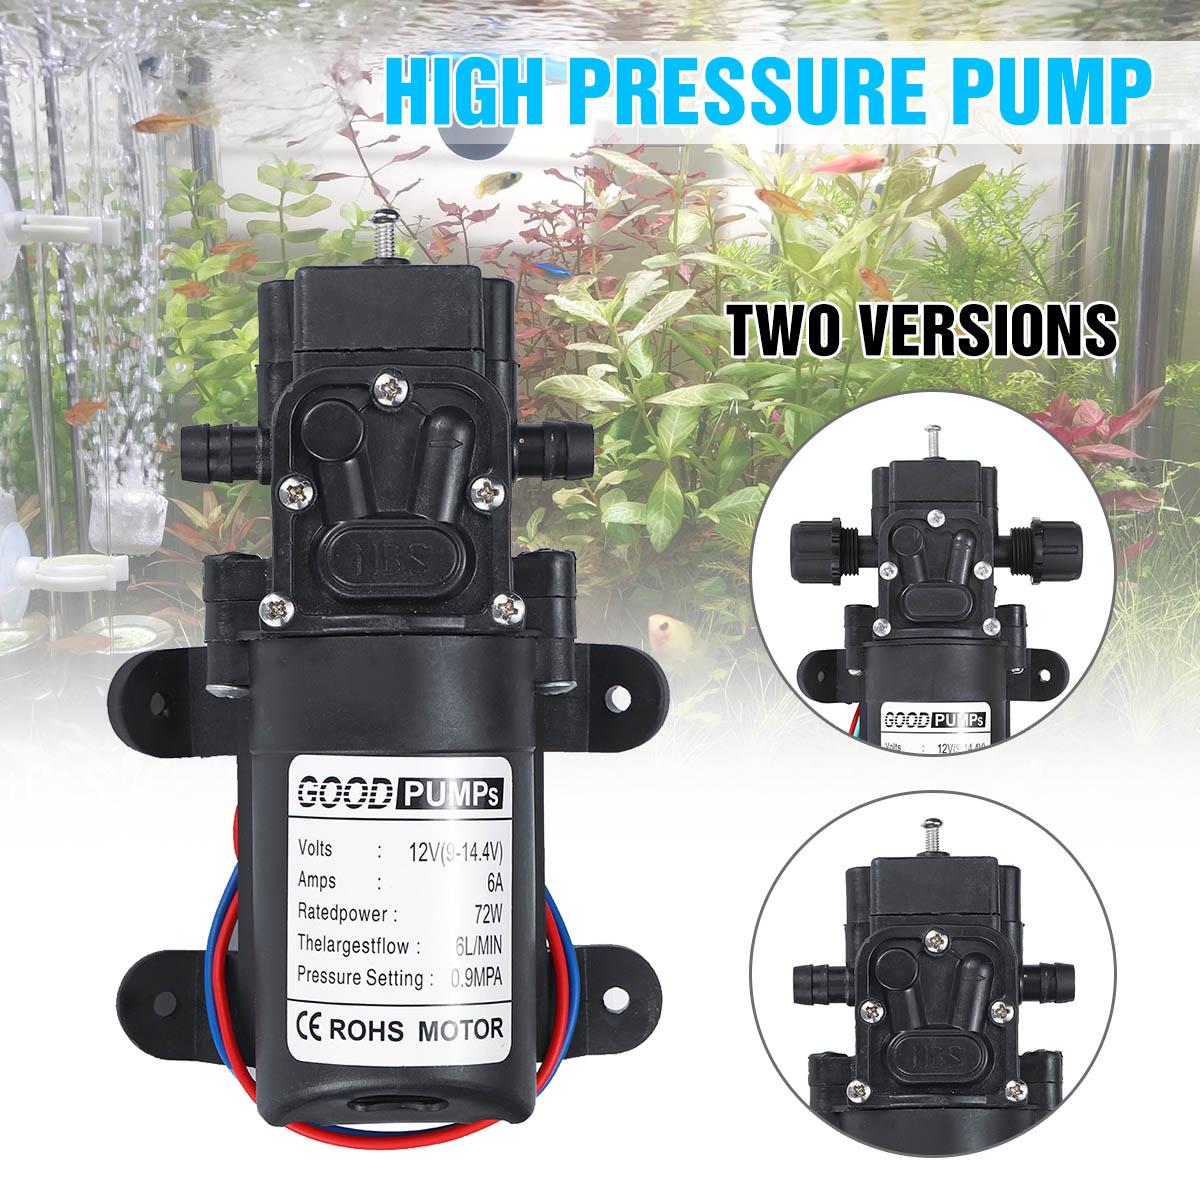 70 Вт 6Lpm мембранный рефлюксный тип мини водяной насос высокого давления автоматический переключатель 12В насос для мойки автомобиля 10 мм насос для орошения|Насосы|   | АлиЭкспресс